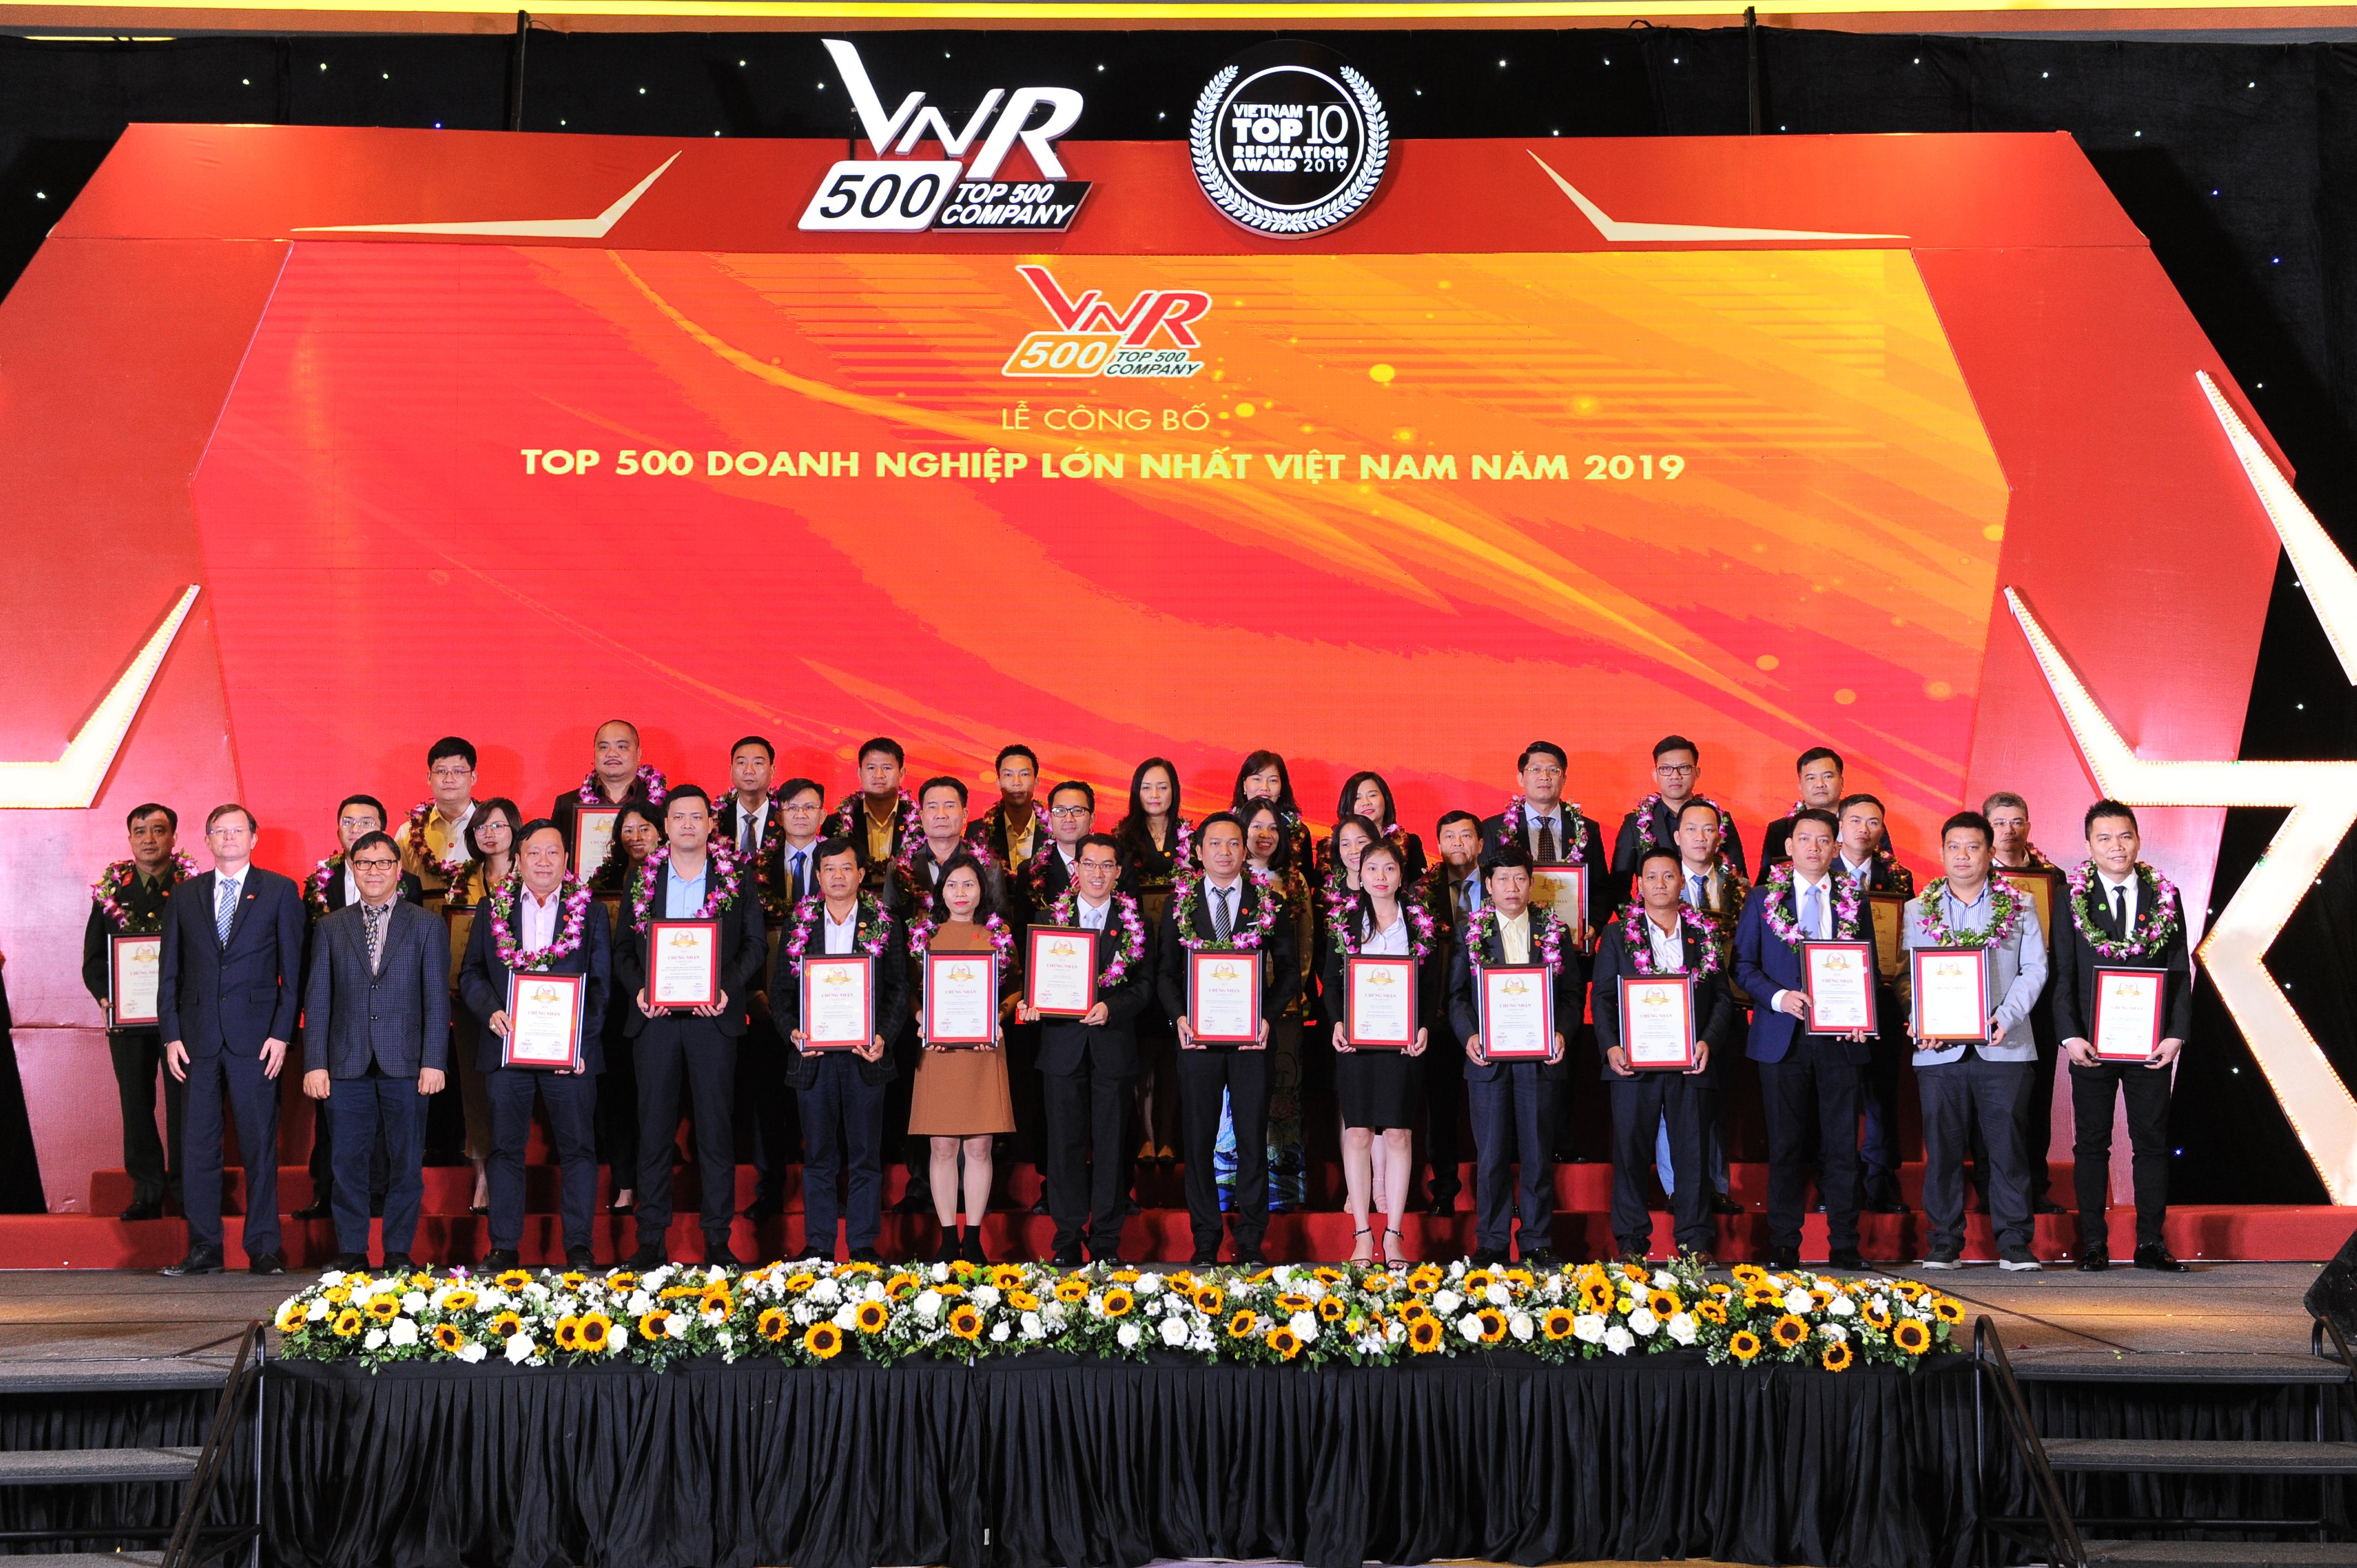 Eurowindow xuất sắc tăng hạng trong Top 500 doanh nghiệp lớn nhất Việt Nam năm 2019